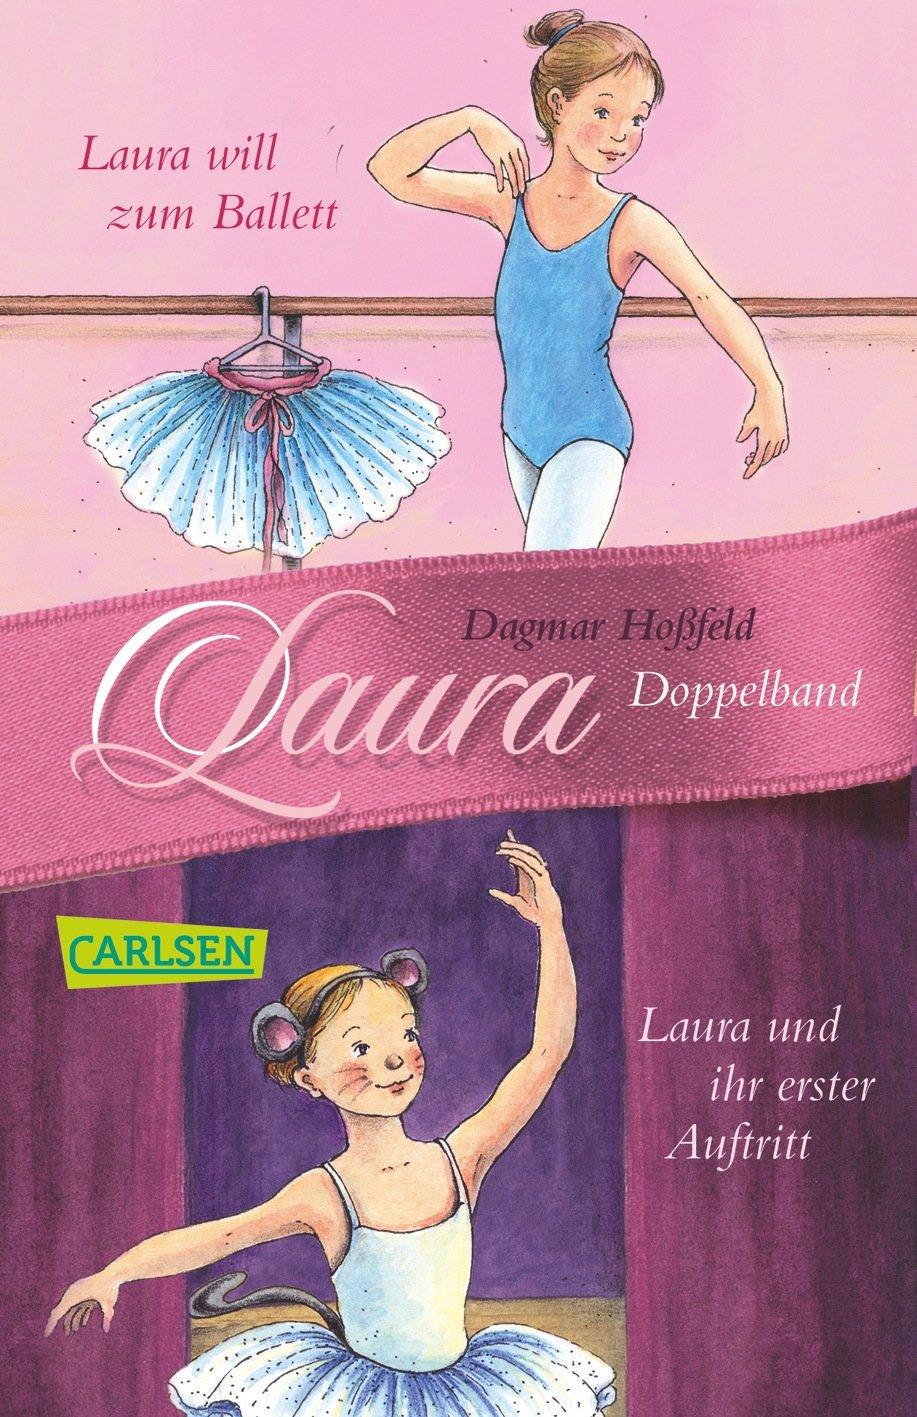 Laura: Laura 1 + 2: Laura will zum Ballett/Laura und ihr erster Auftritt Taschenbuch – 25. September 2012 Dagmar Hoßfeld Carlsen 3551311951 JUVENILE FICTION / General